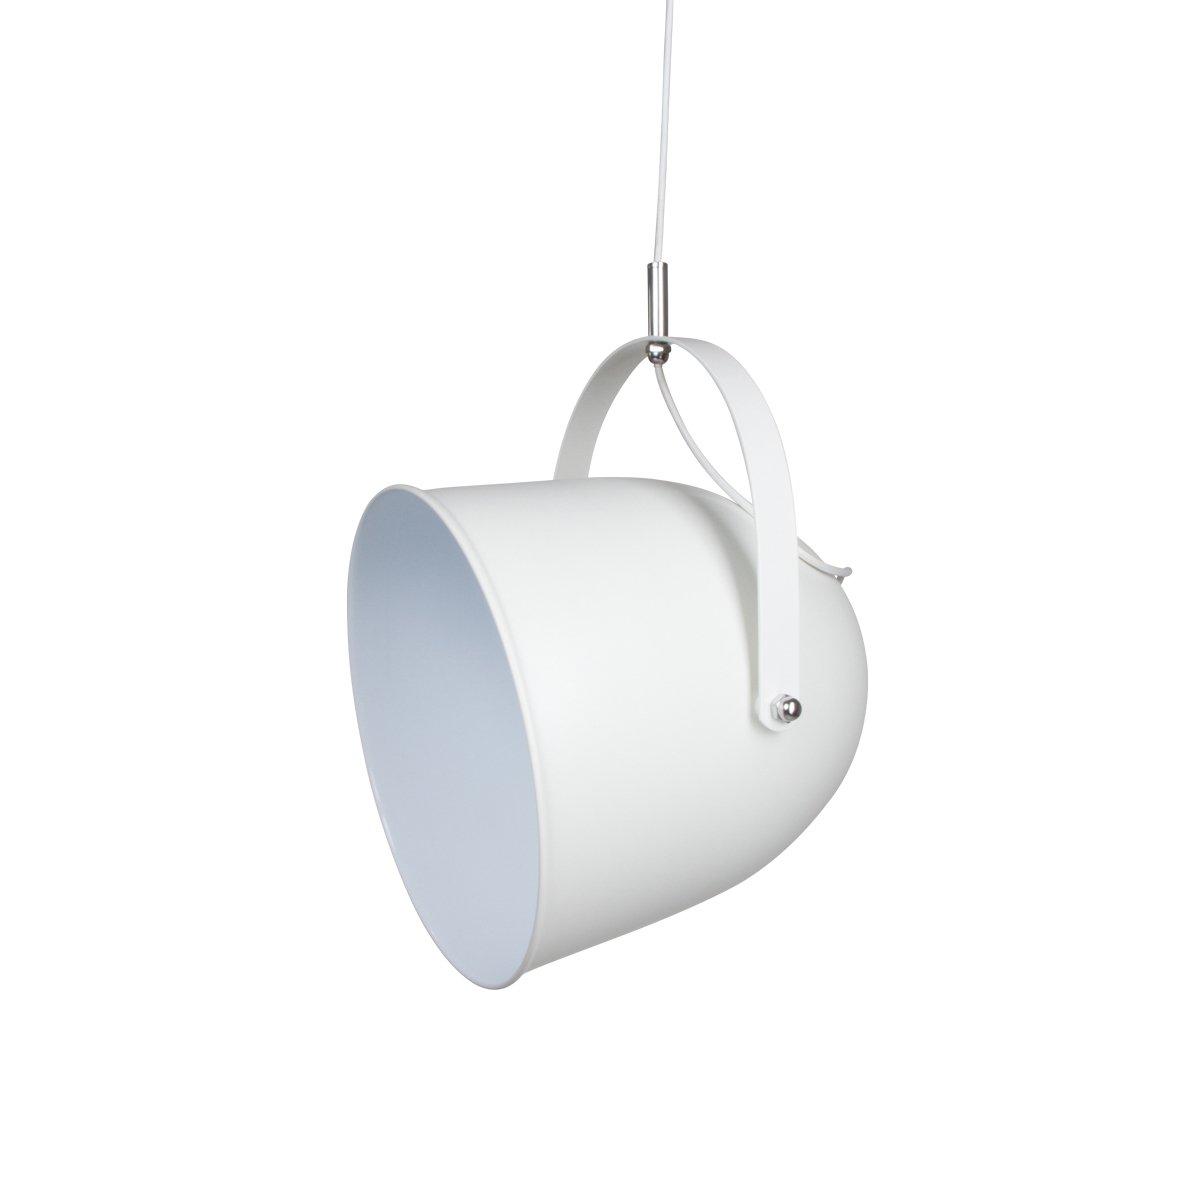 Steinhauer Hanglamp Mexlite Steinhauer 7642W